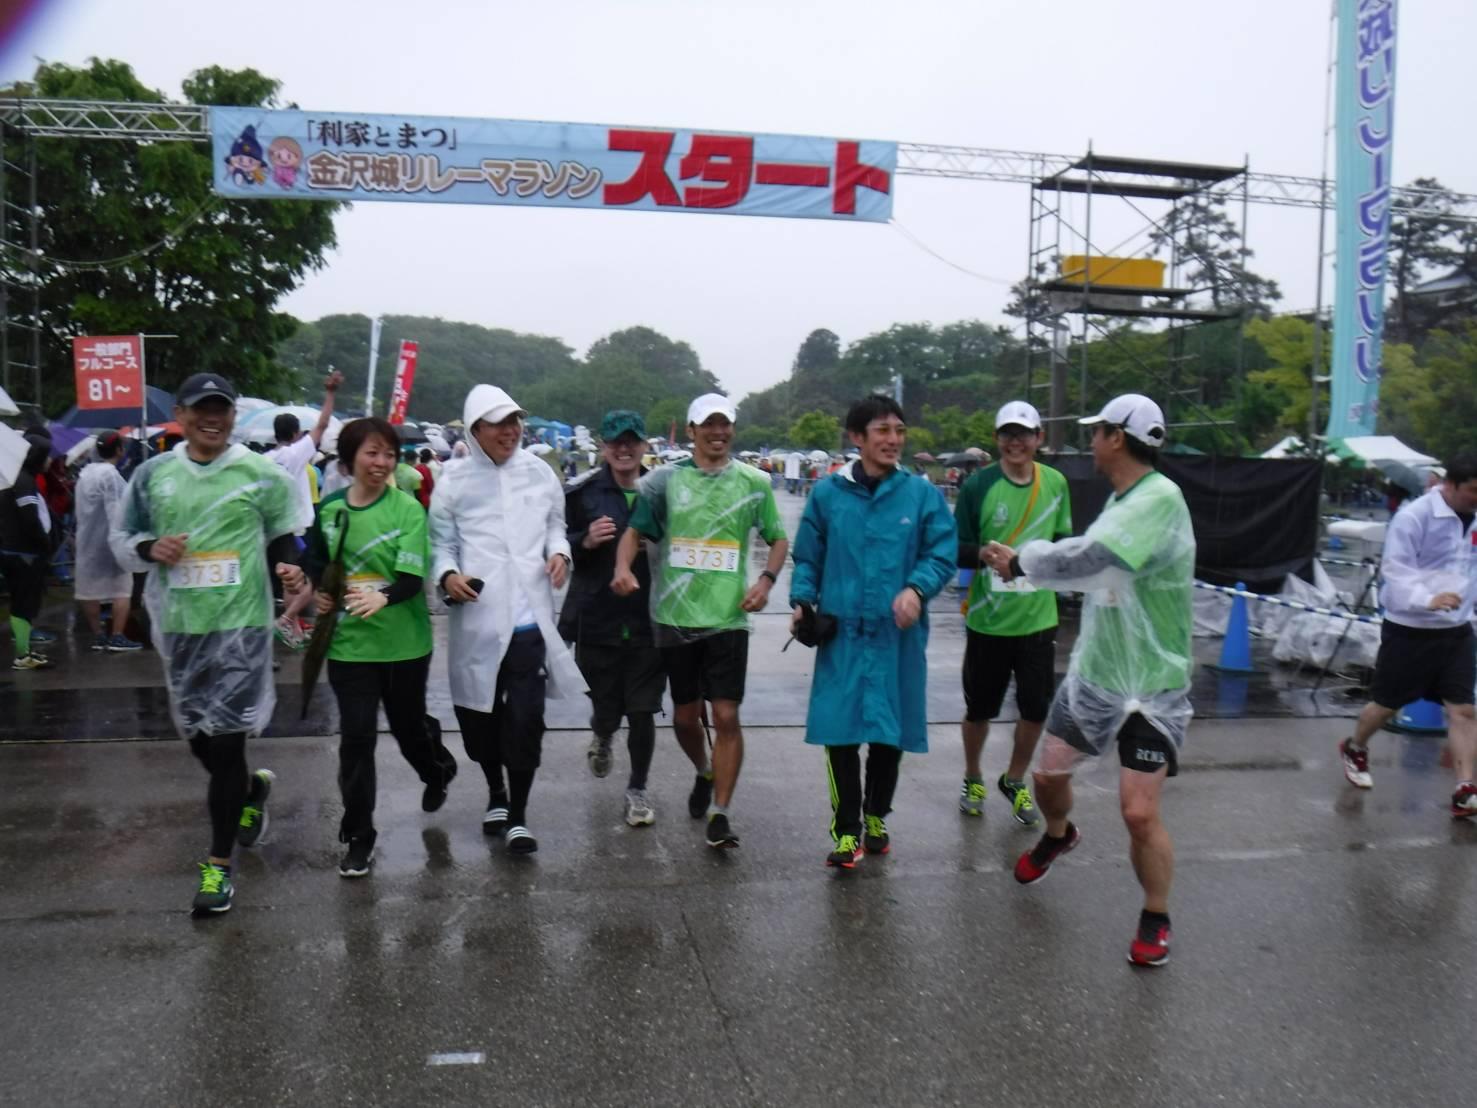 金沢城リレーマラソン2018春の陣に出走しました。